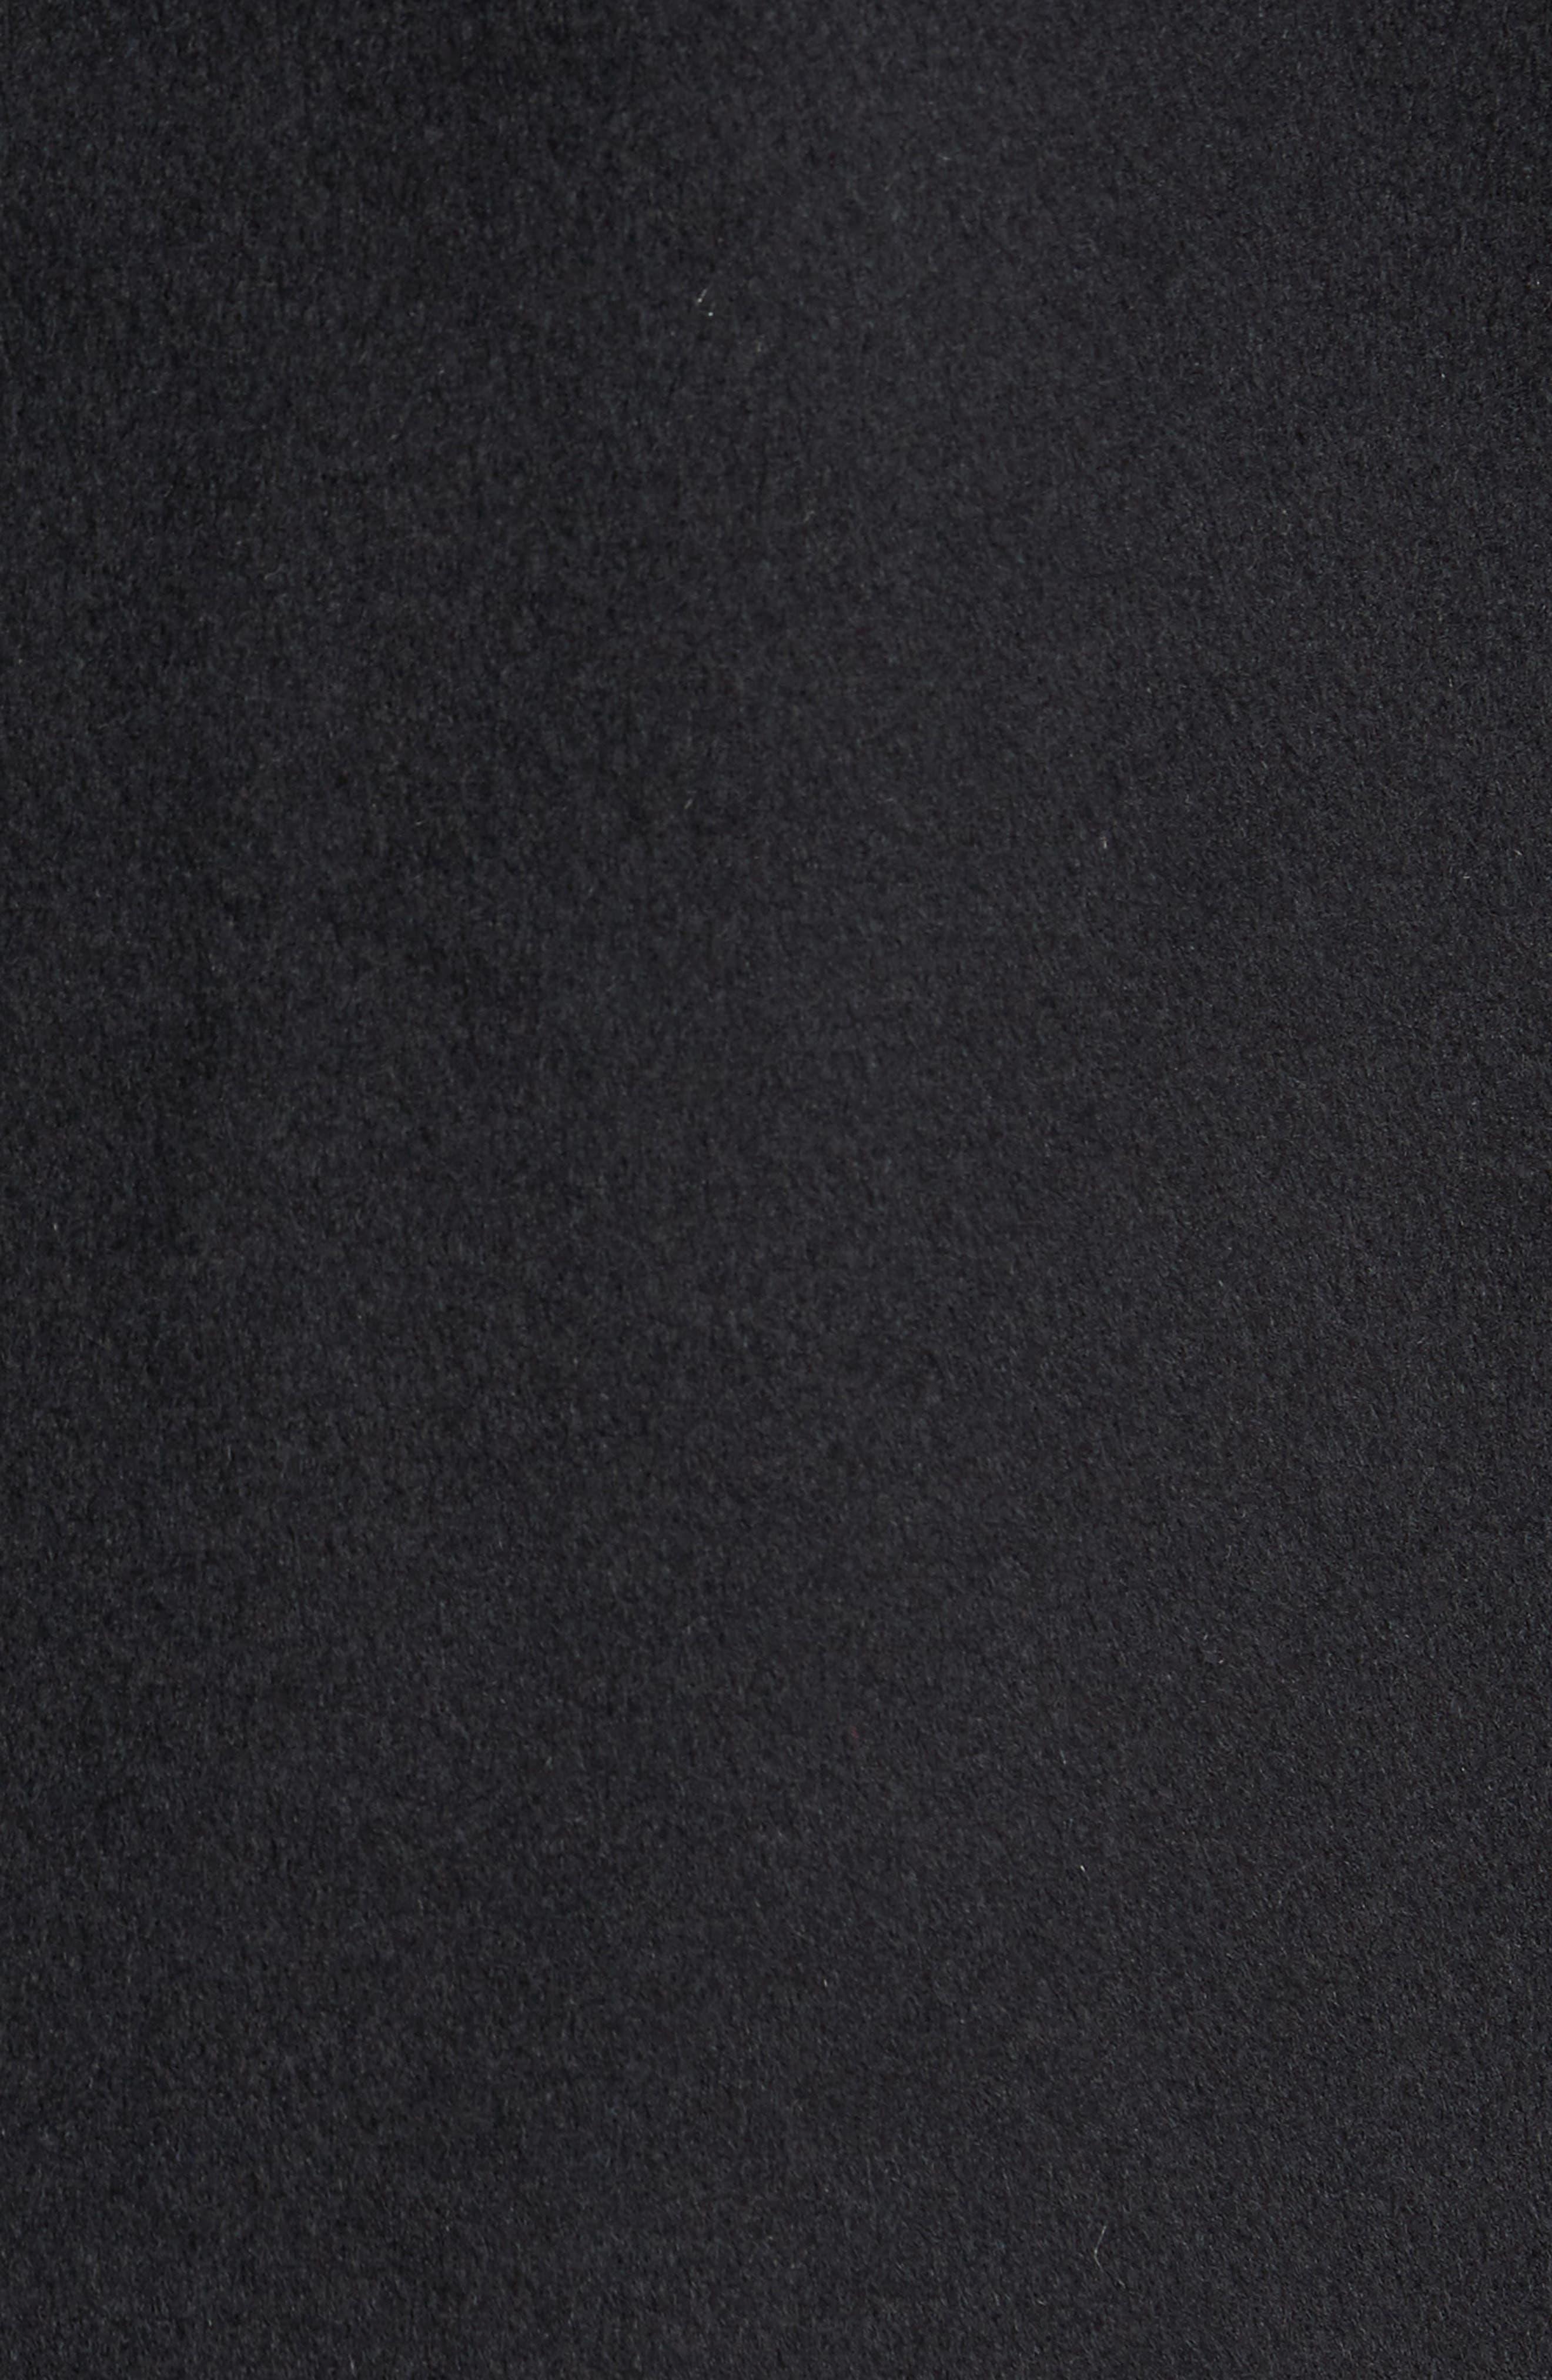 Double Face Wool Blend Car Coat,                             Alternate thumbnail 6, color,                             Black